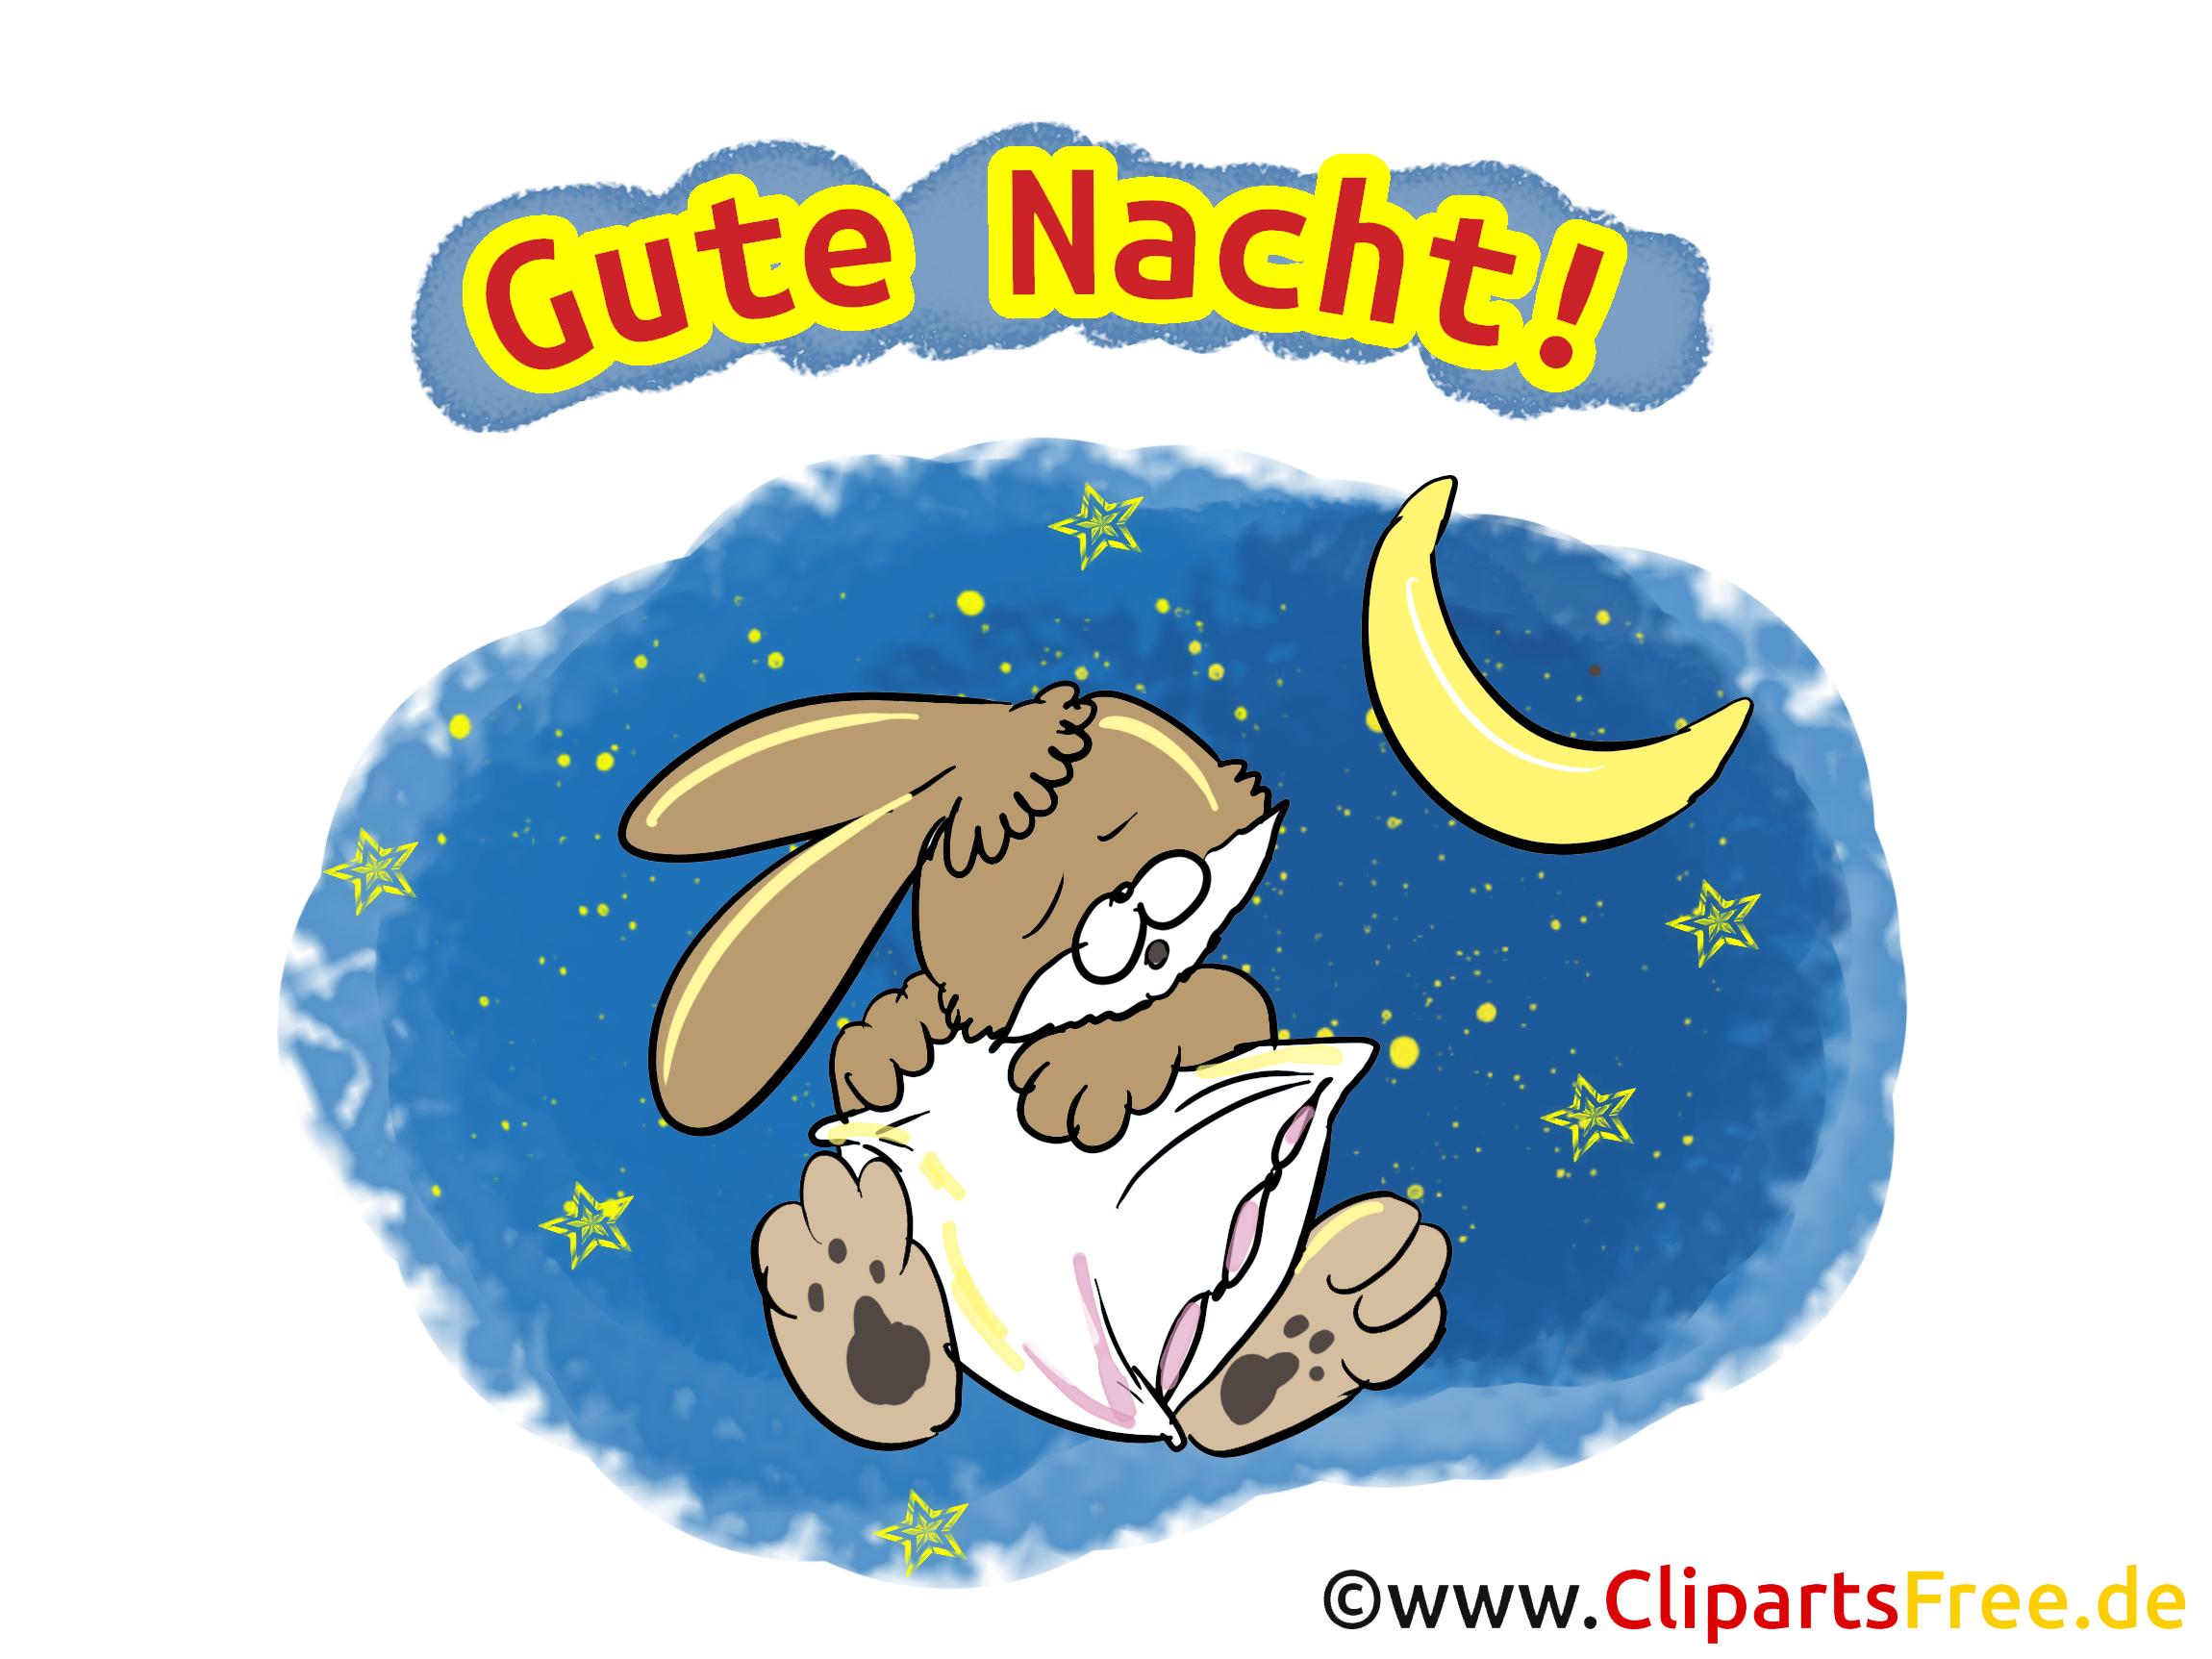 grußkarte gute nacht nachtgrüsse kostenlos